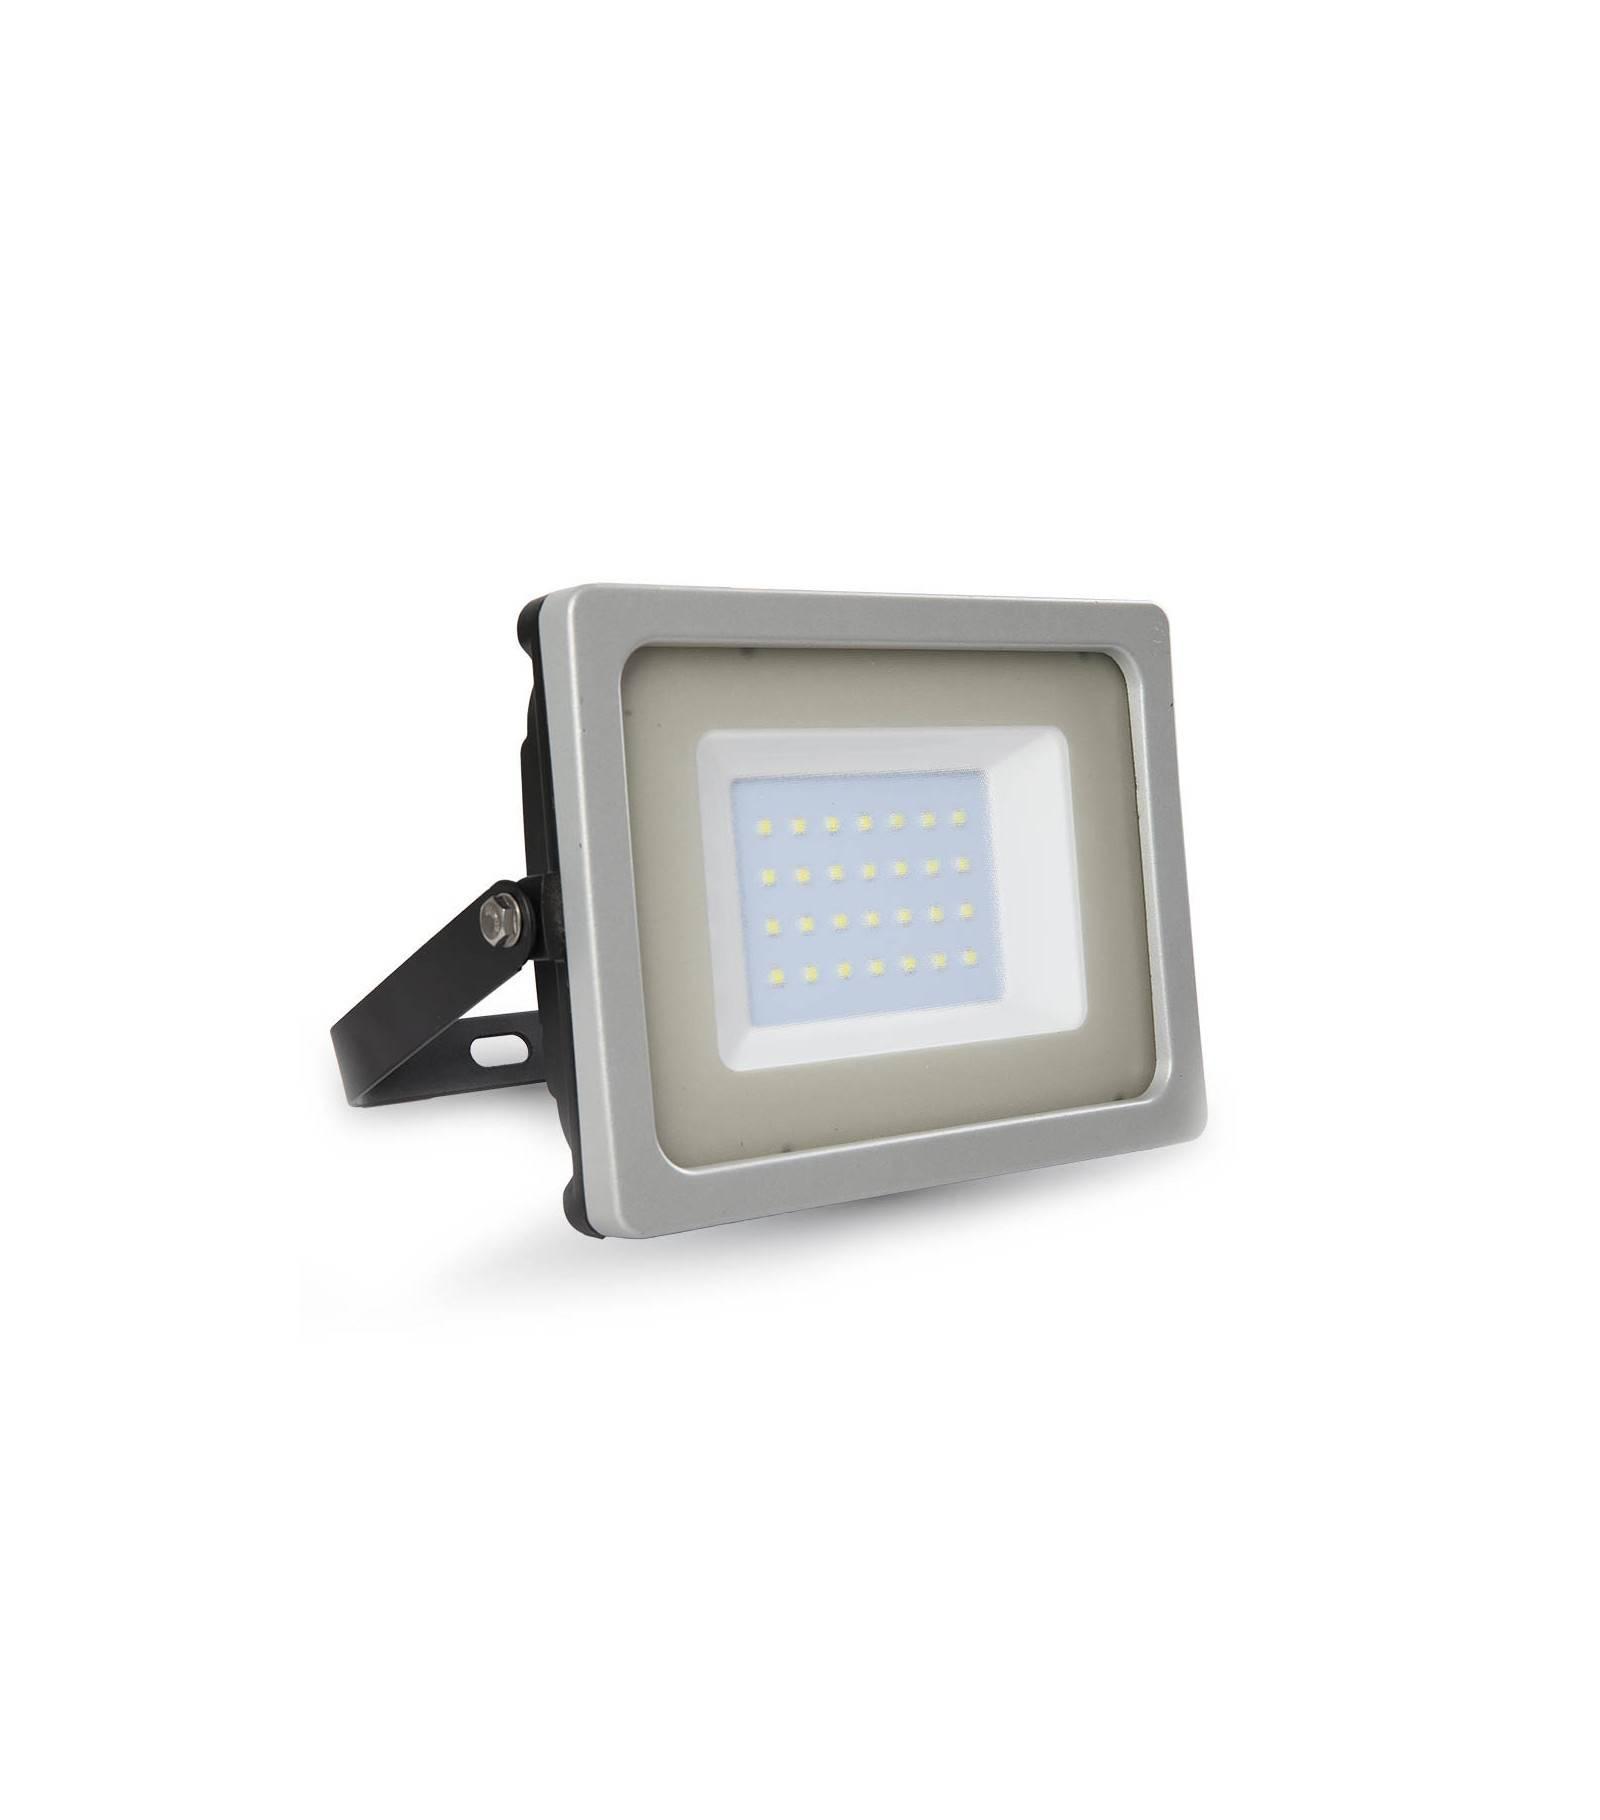 V-TAC Projecteur LED SMD 30W rendu 150W Blanc froid 6000K ref 5812 V-TAC - 5812